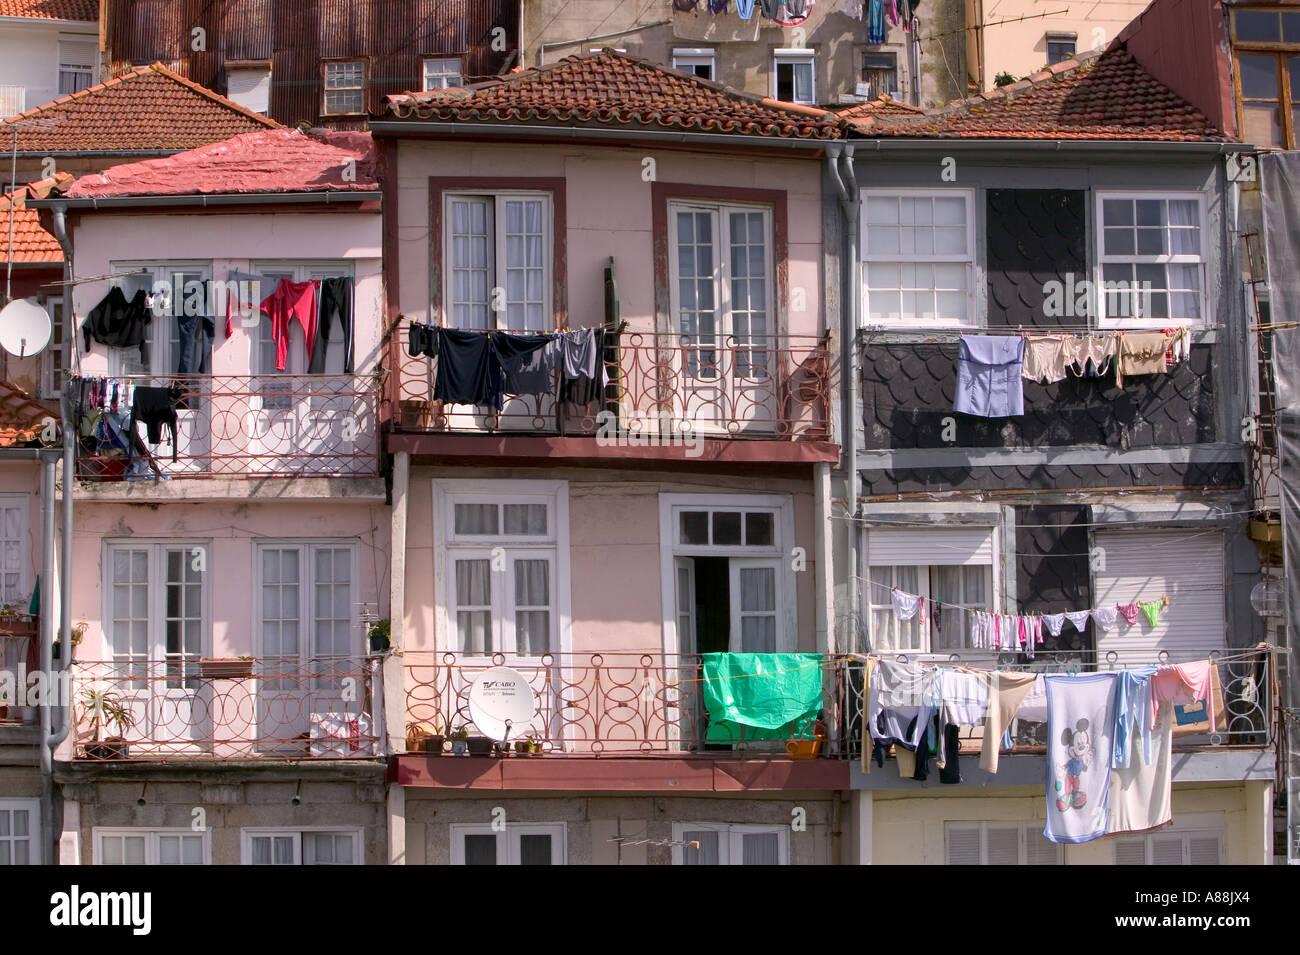 Wäsche hing außen Häuser in Porto, Portugal Stockfoto, Bild: 6870563 ...